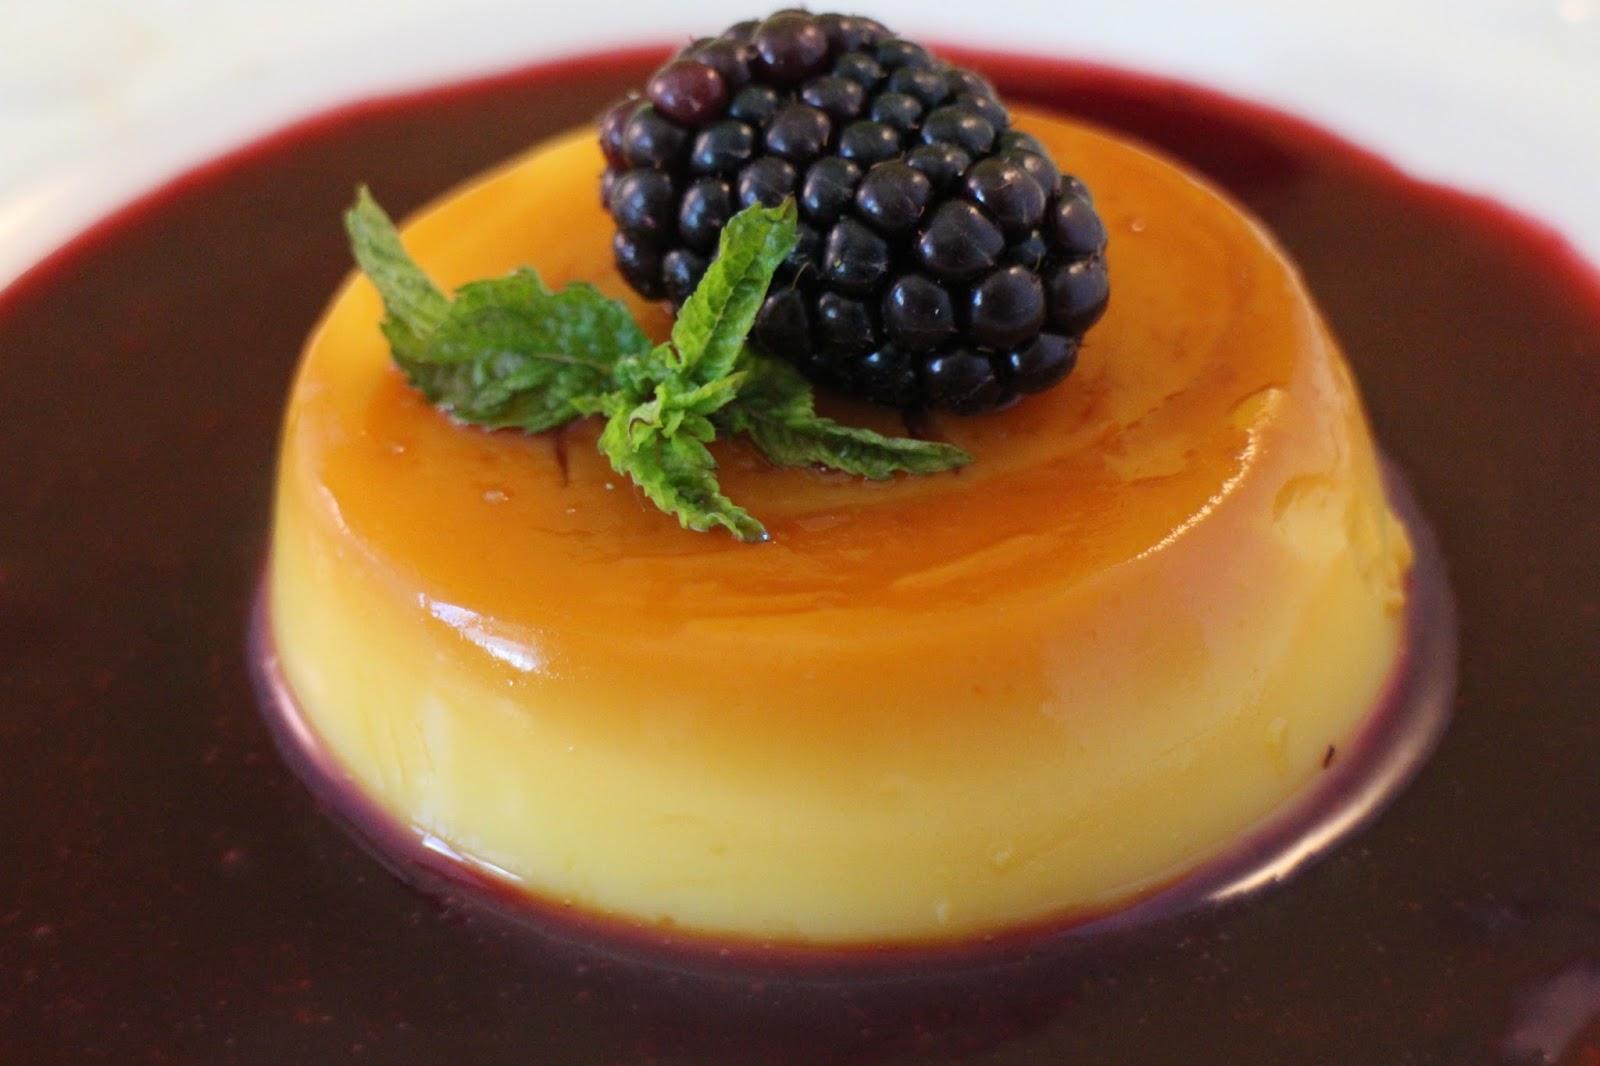 baileys-custard, flan-de-baileys, sopa-de-moras, blackberry-soup